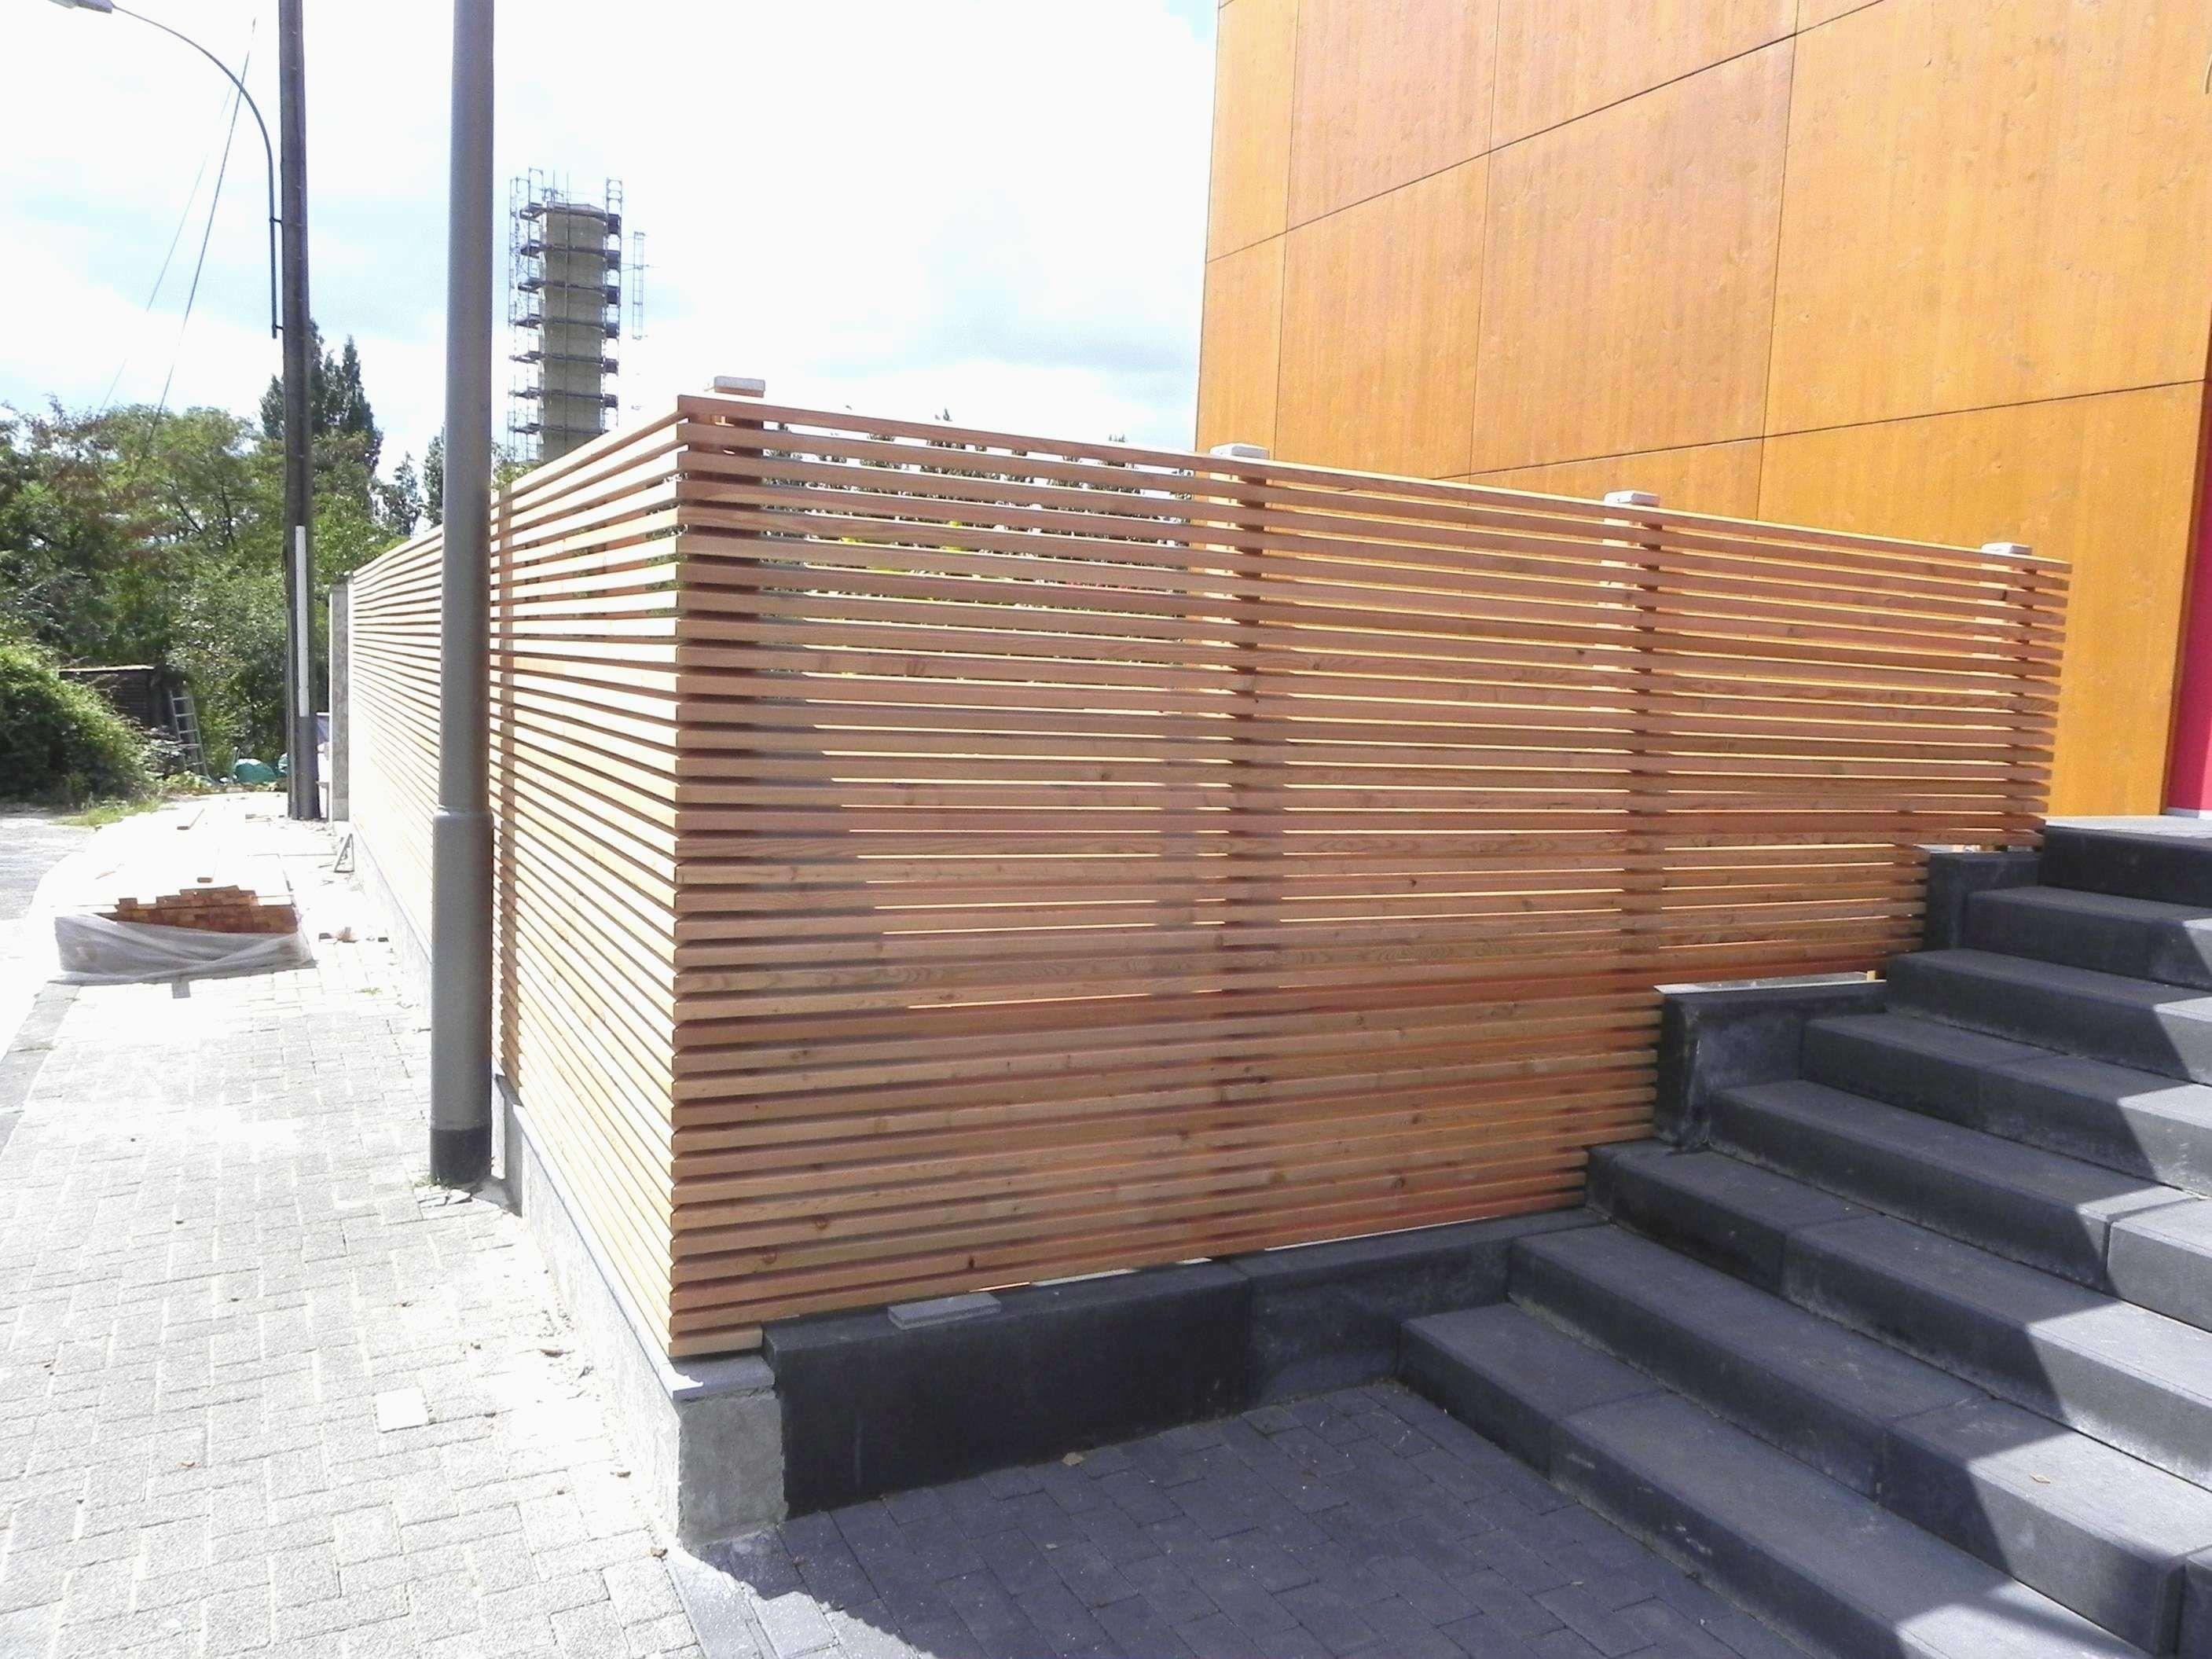 Ahnliches Foto Sichtschutzzaun Larchenholz Gartengestaltung